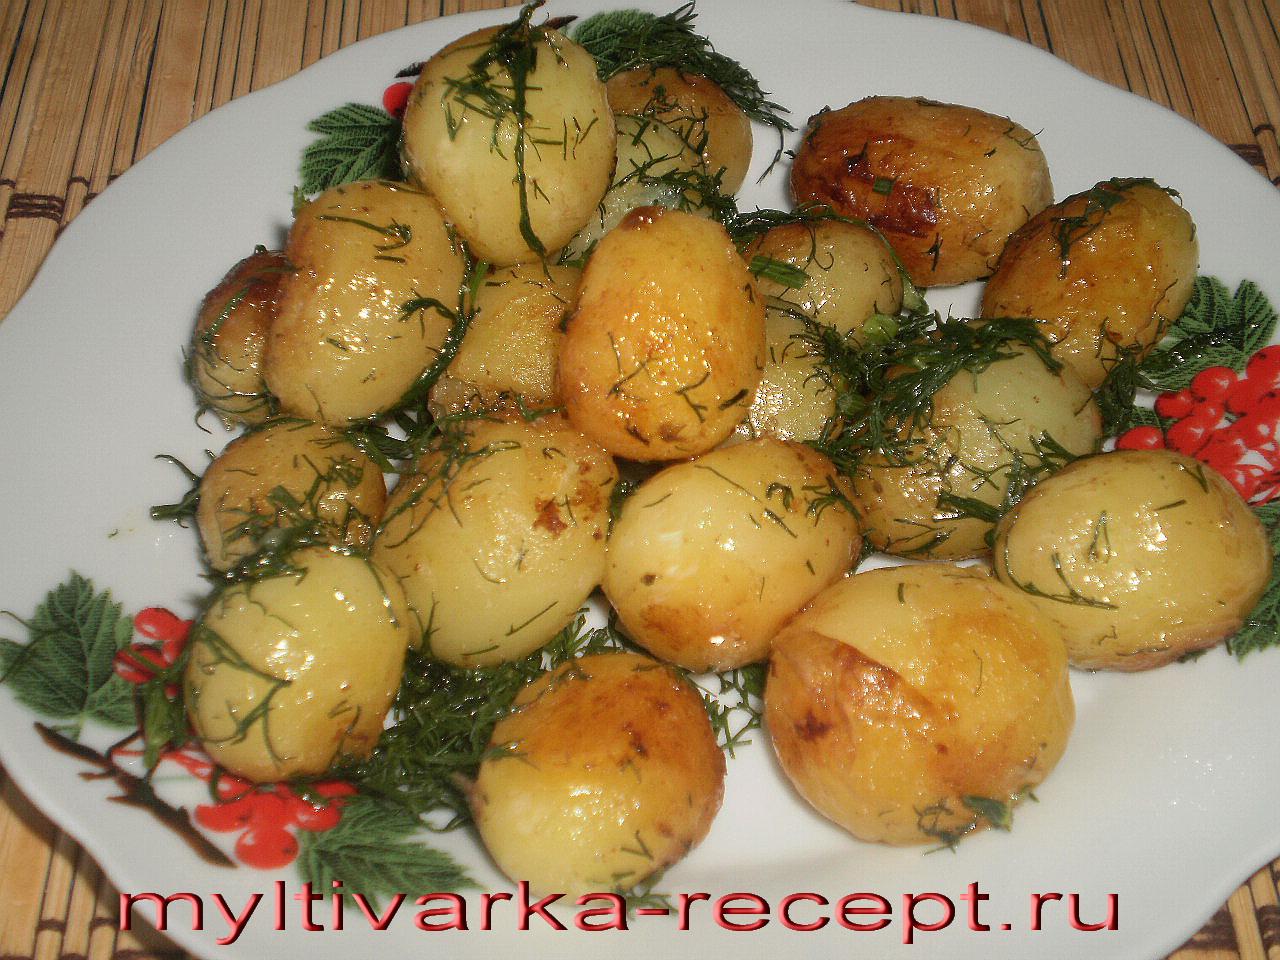 Как можно сделать вкусную картошку 852